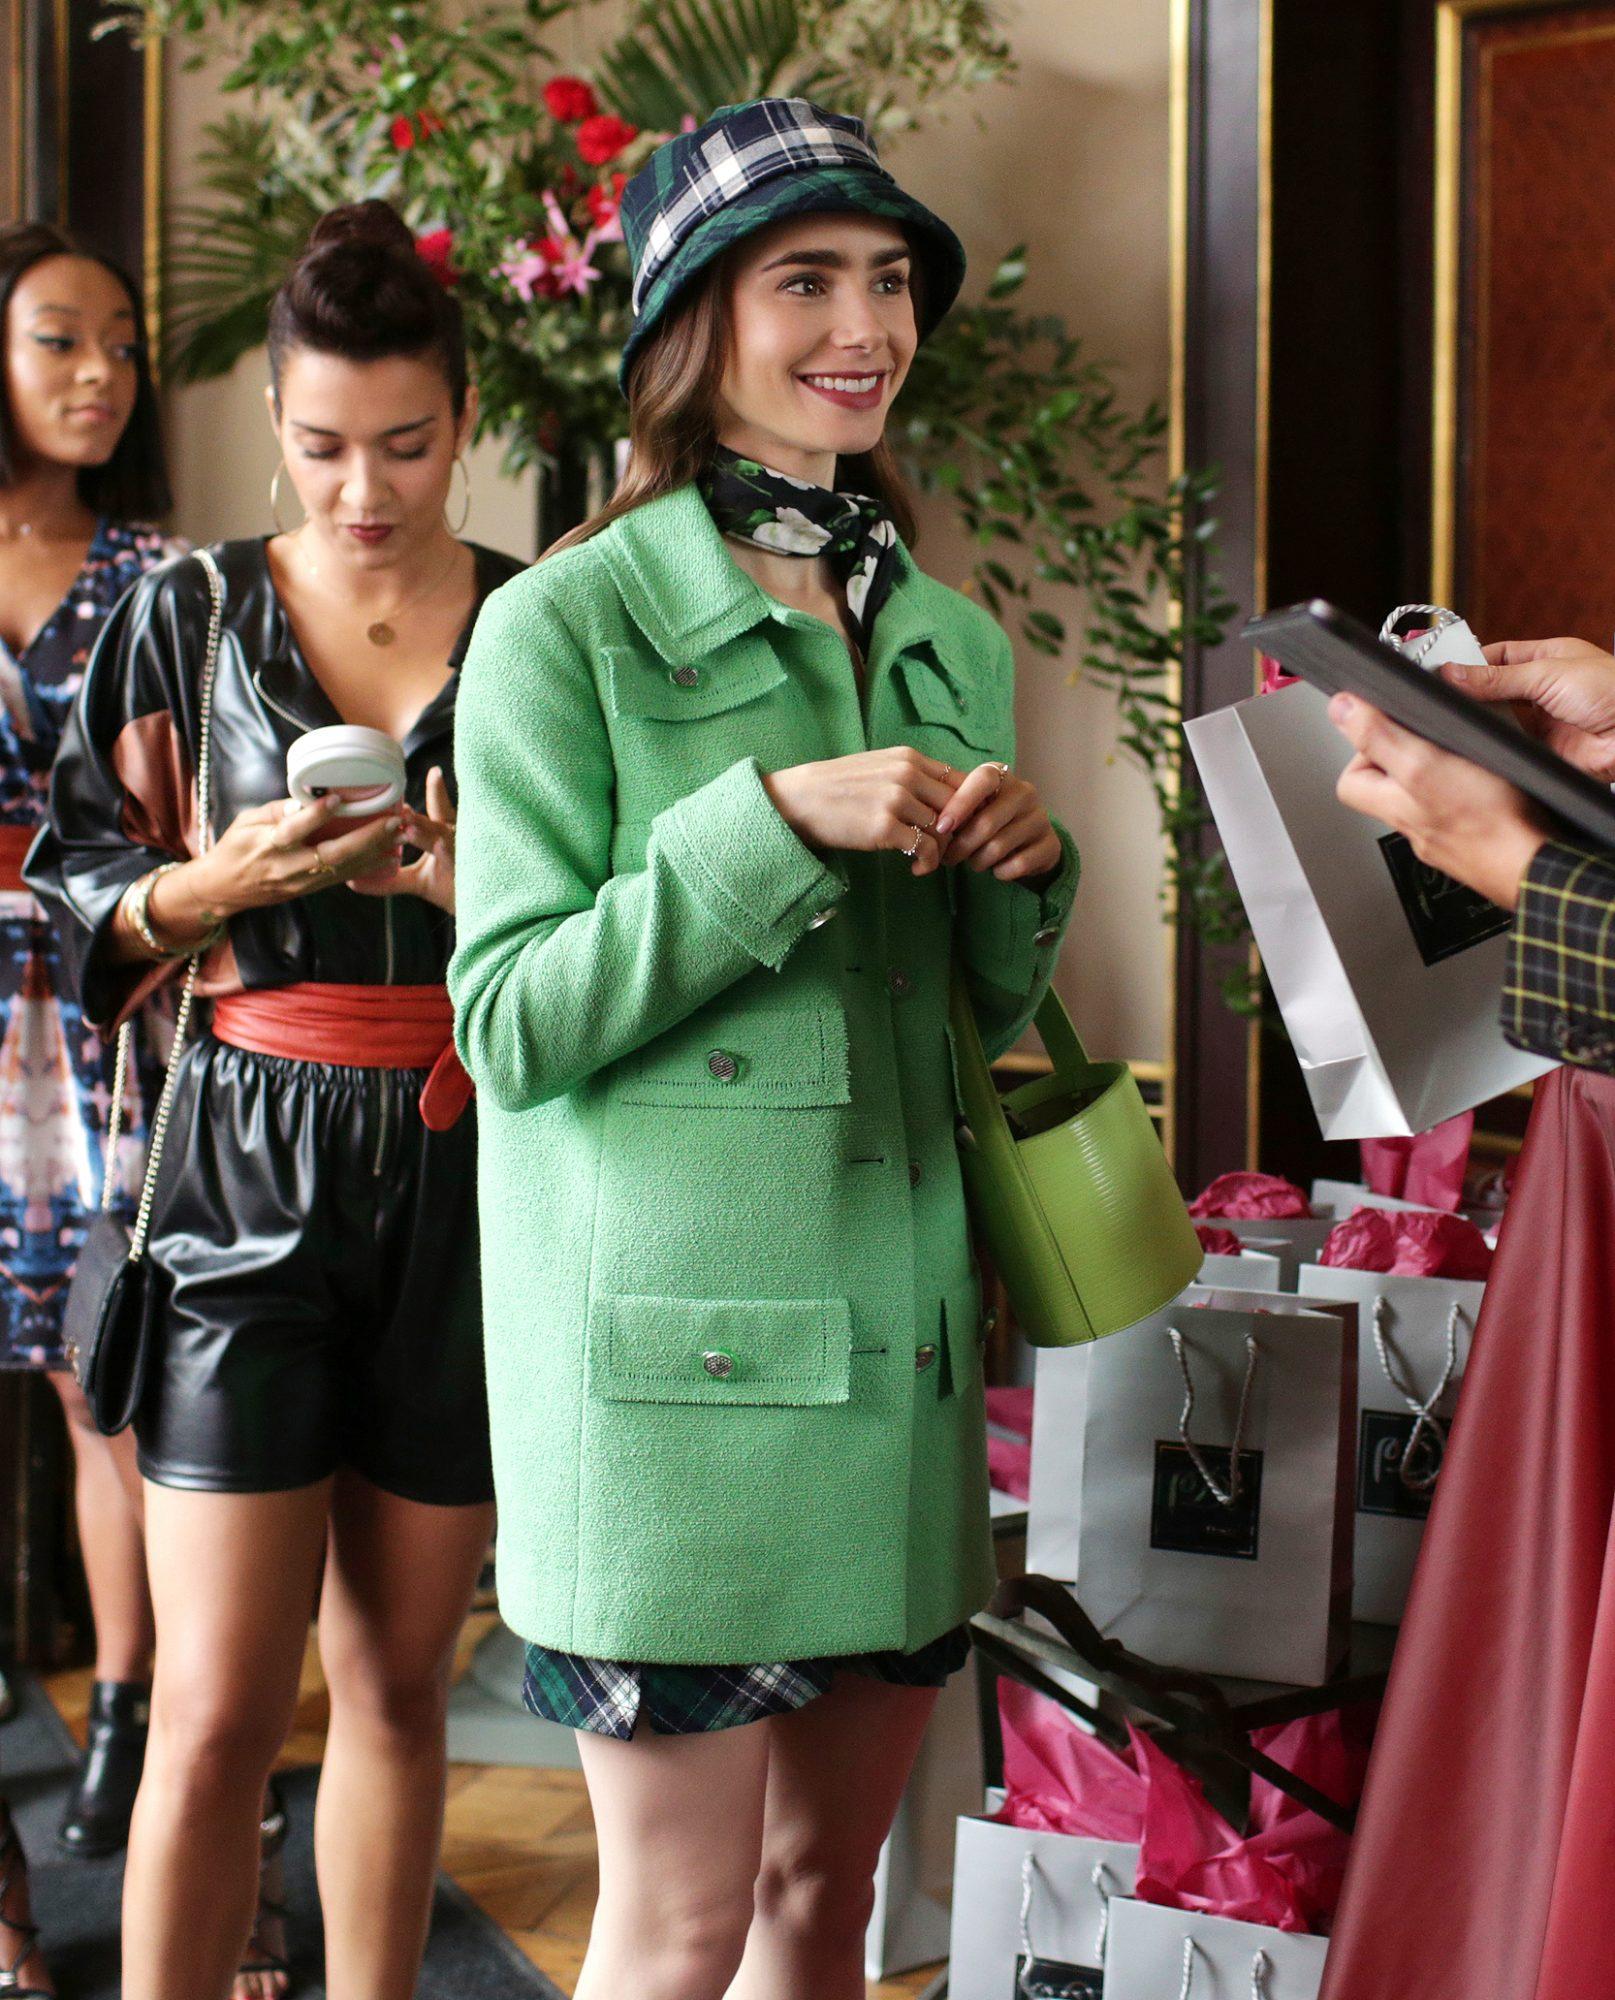 Rząd dziewczyn pierwsza ma na sobie zielony płaszcza